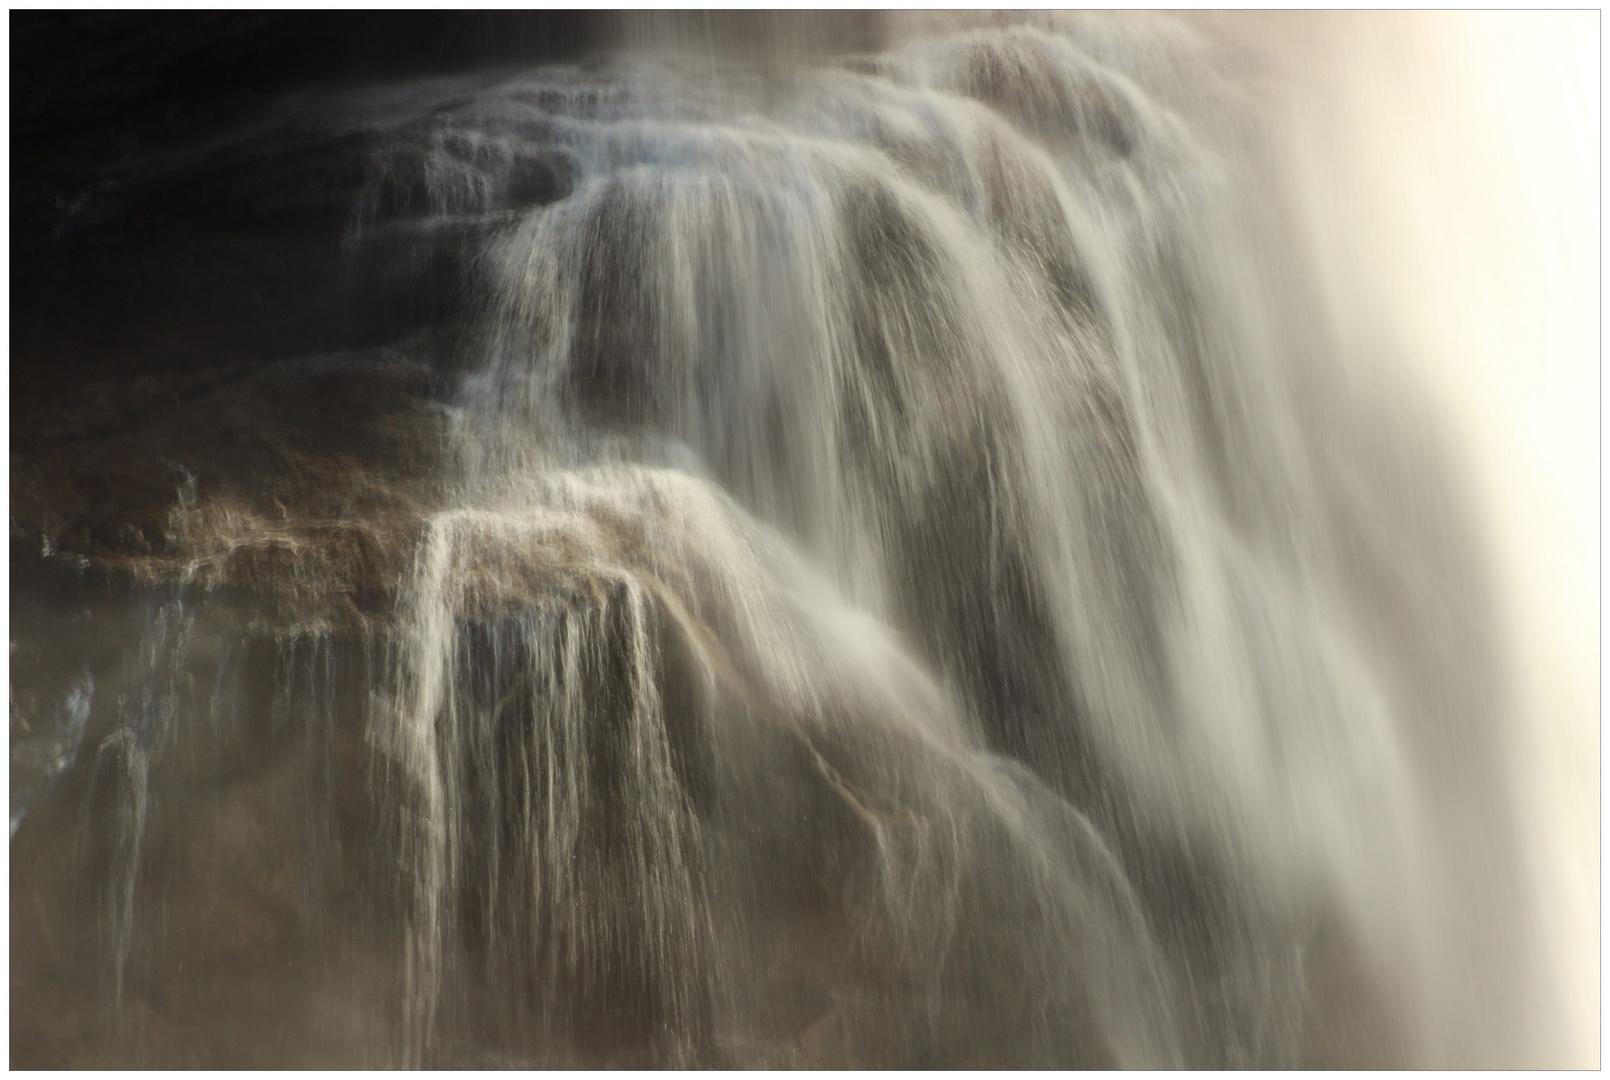 Austria 14`- Wasserfall 1